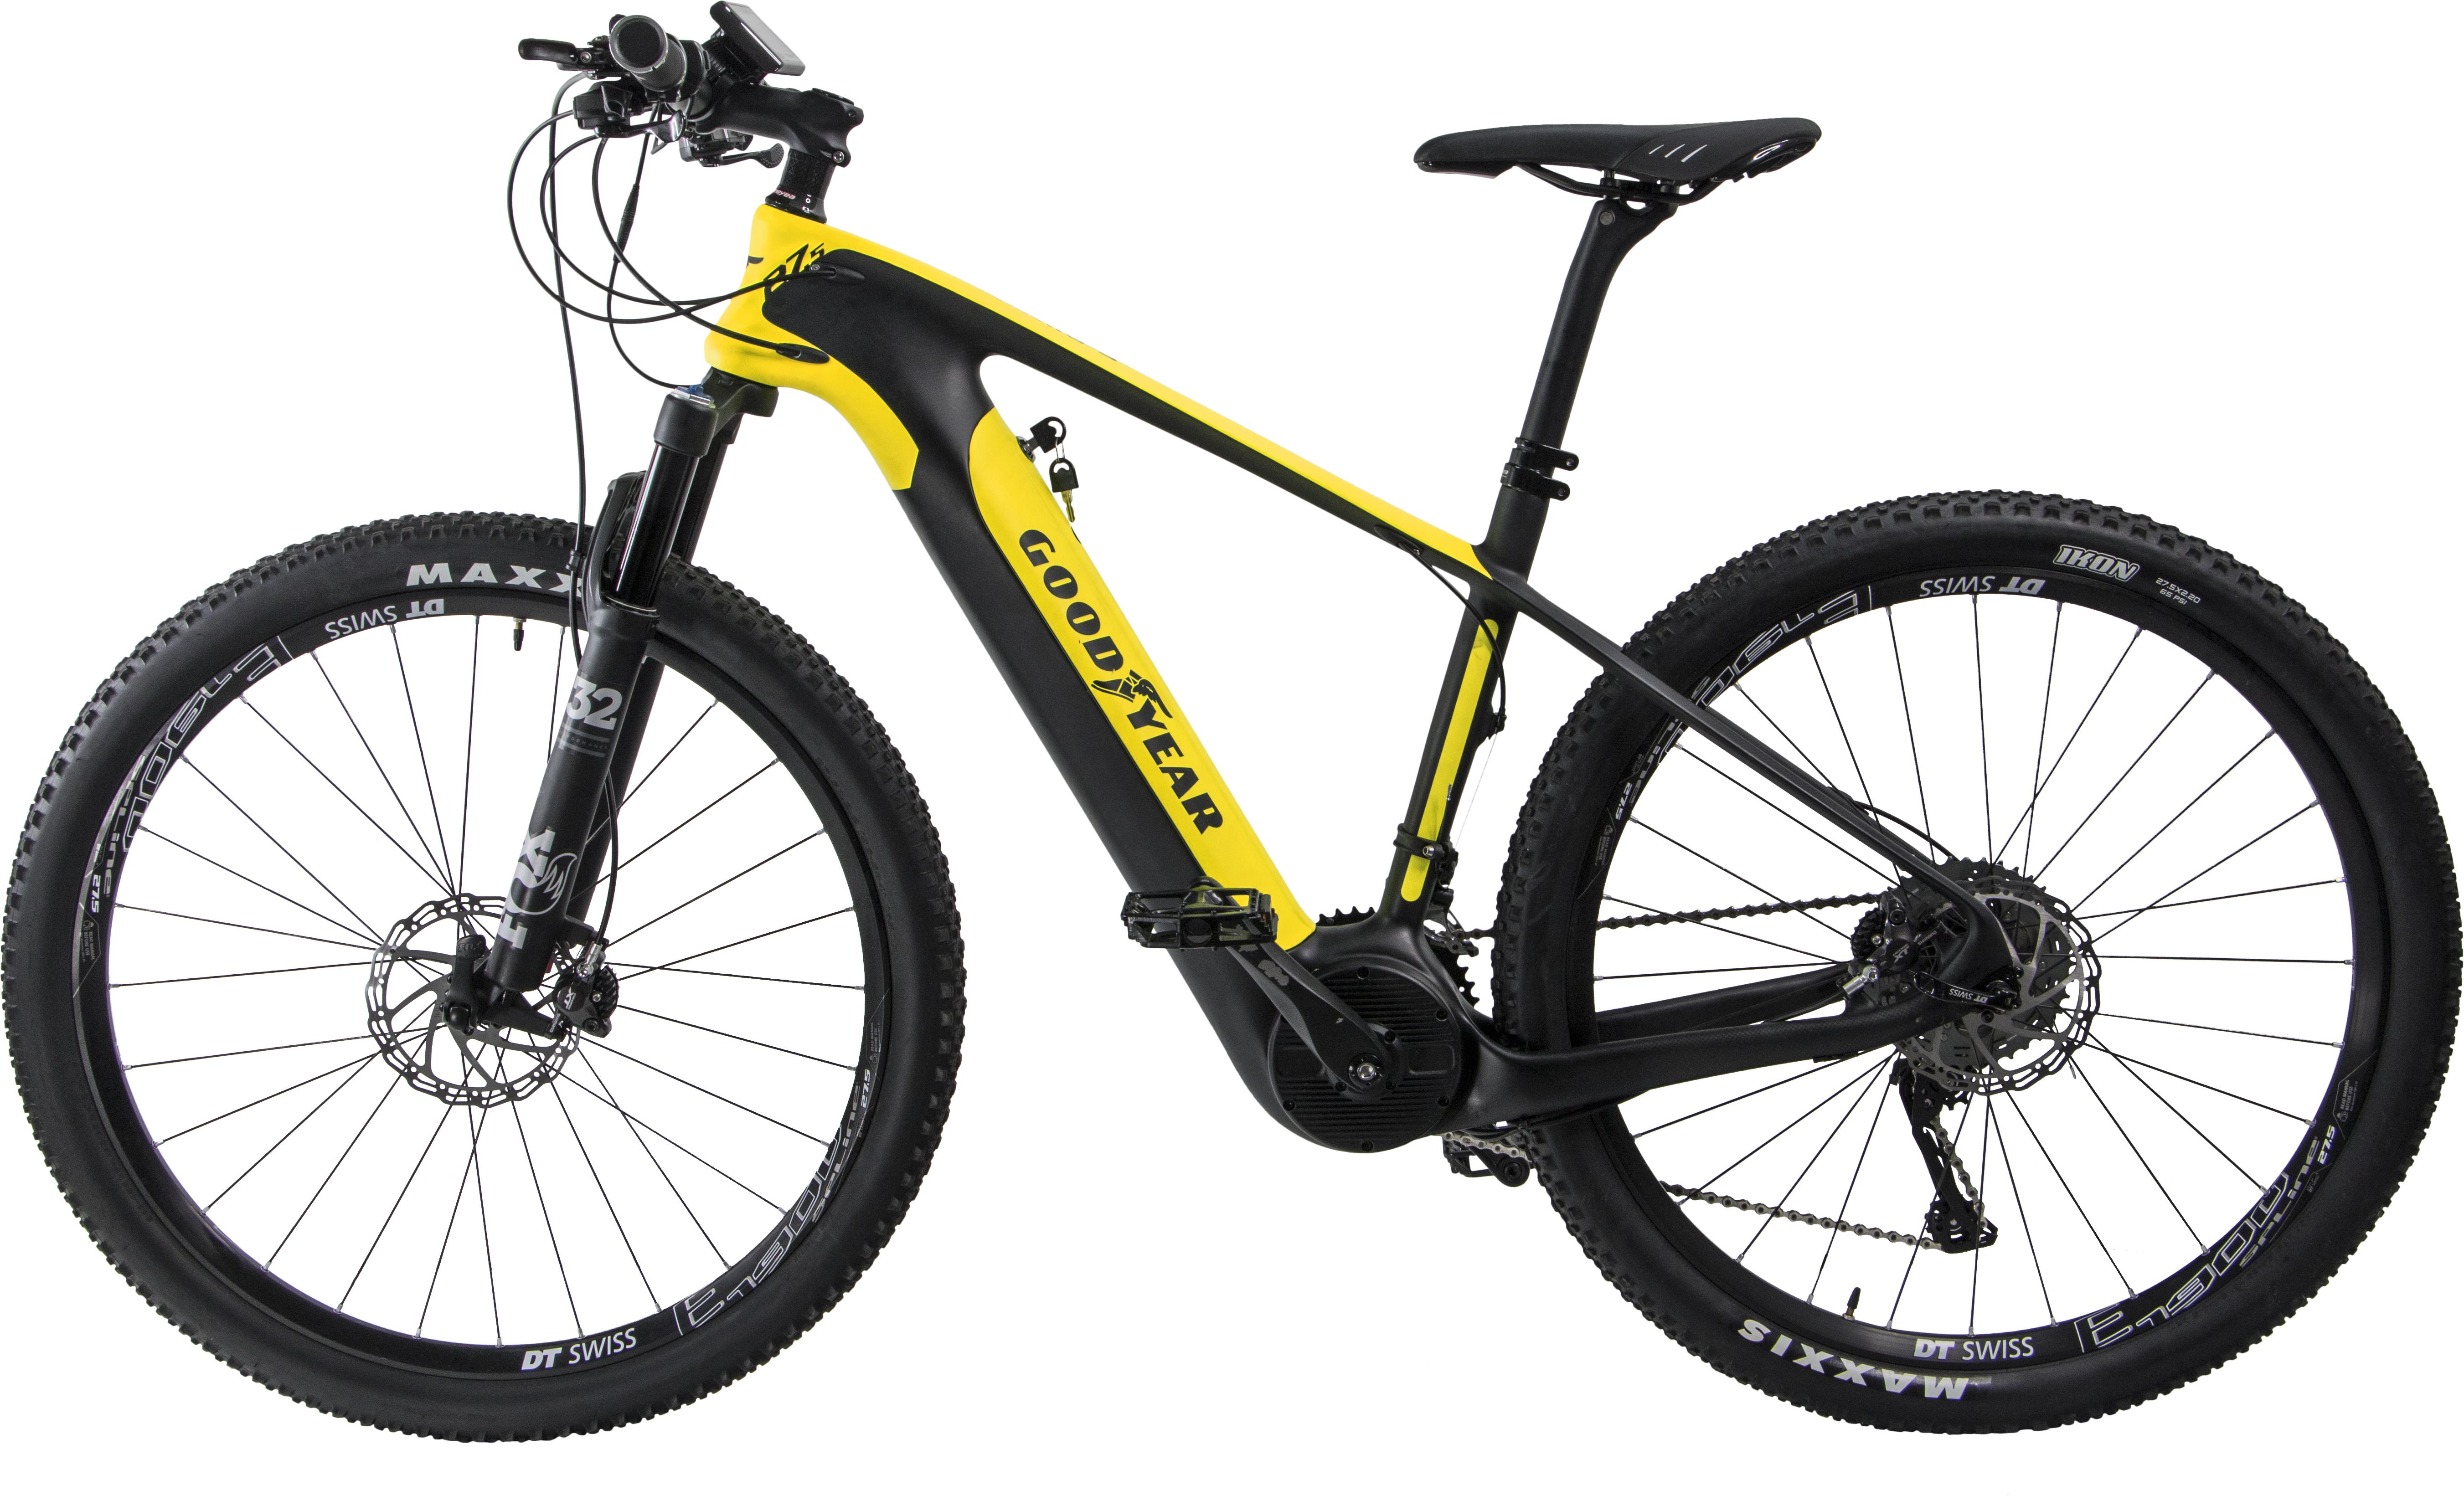 ego bike-01-02